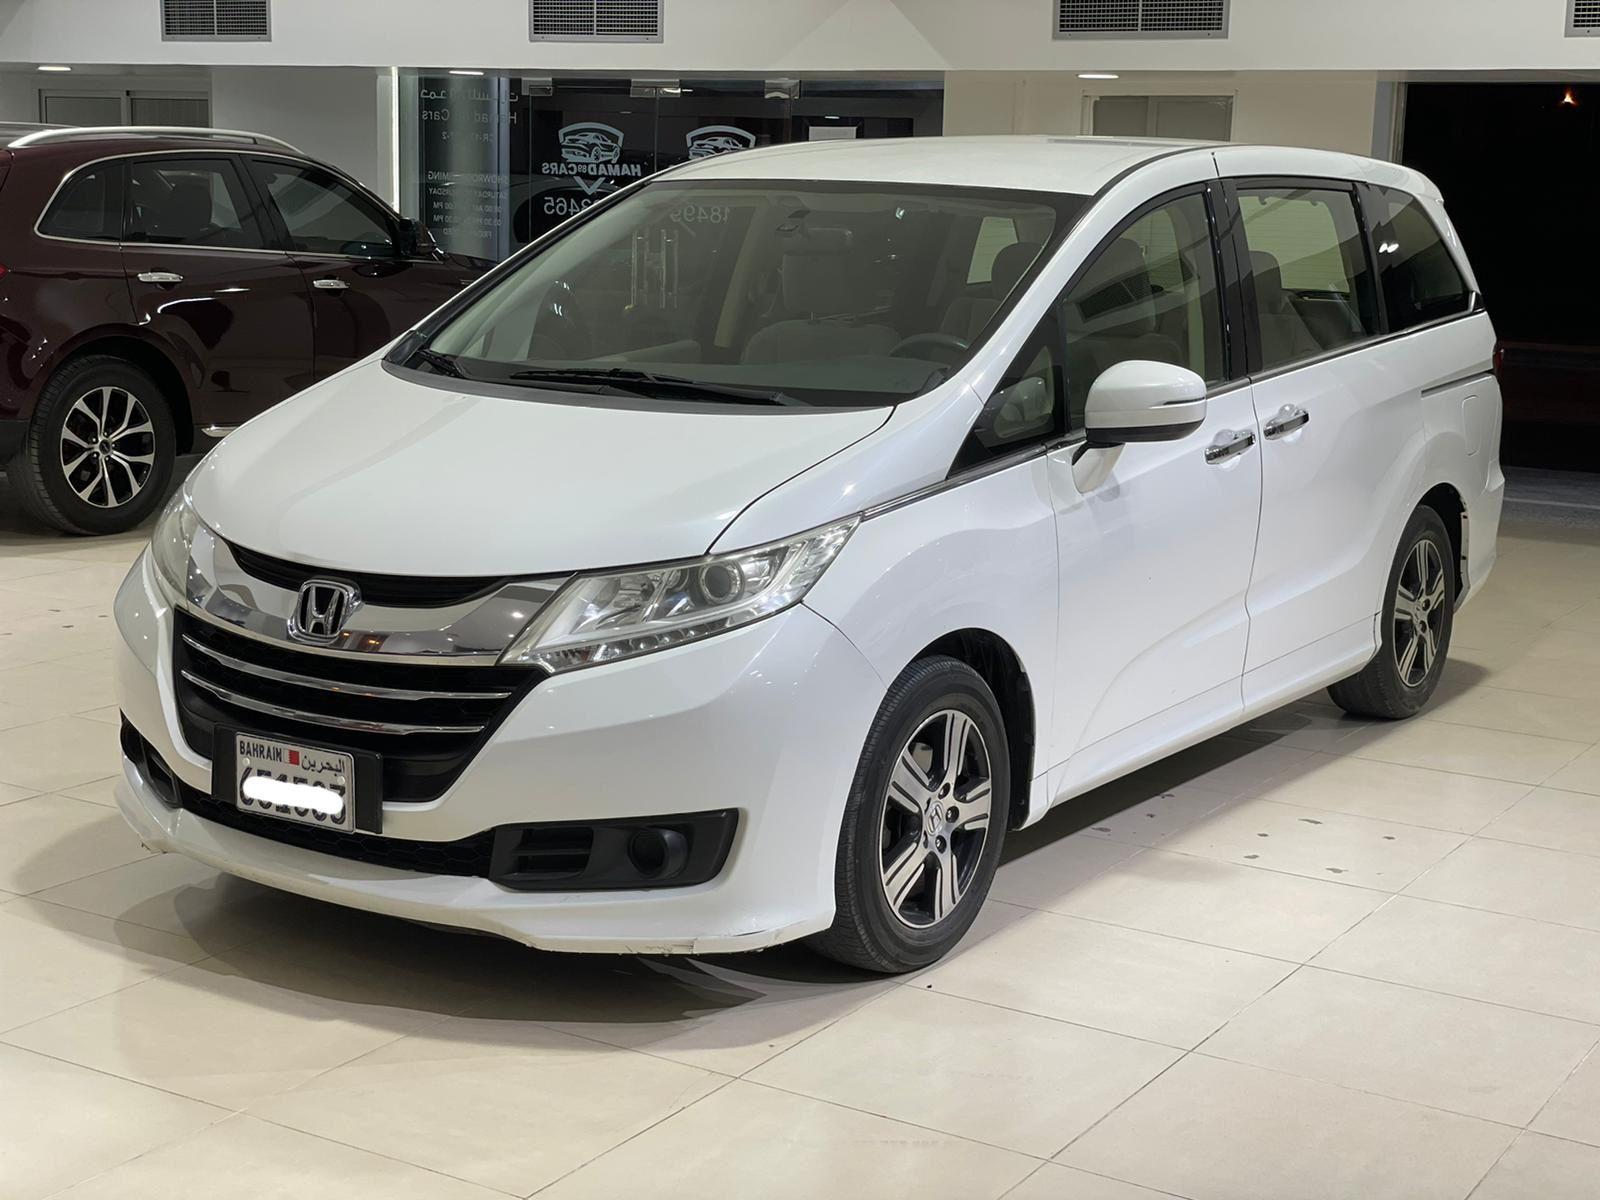 Honda Odyssey 2015 (White)